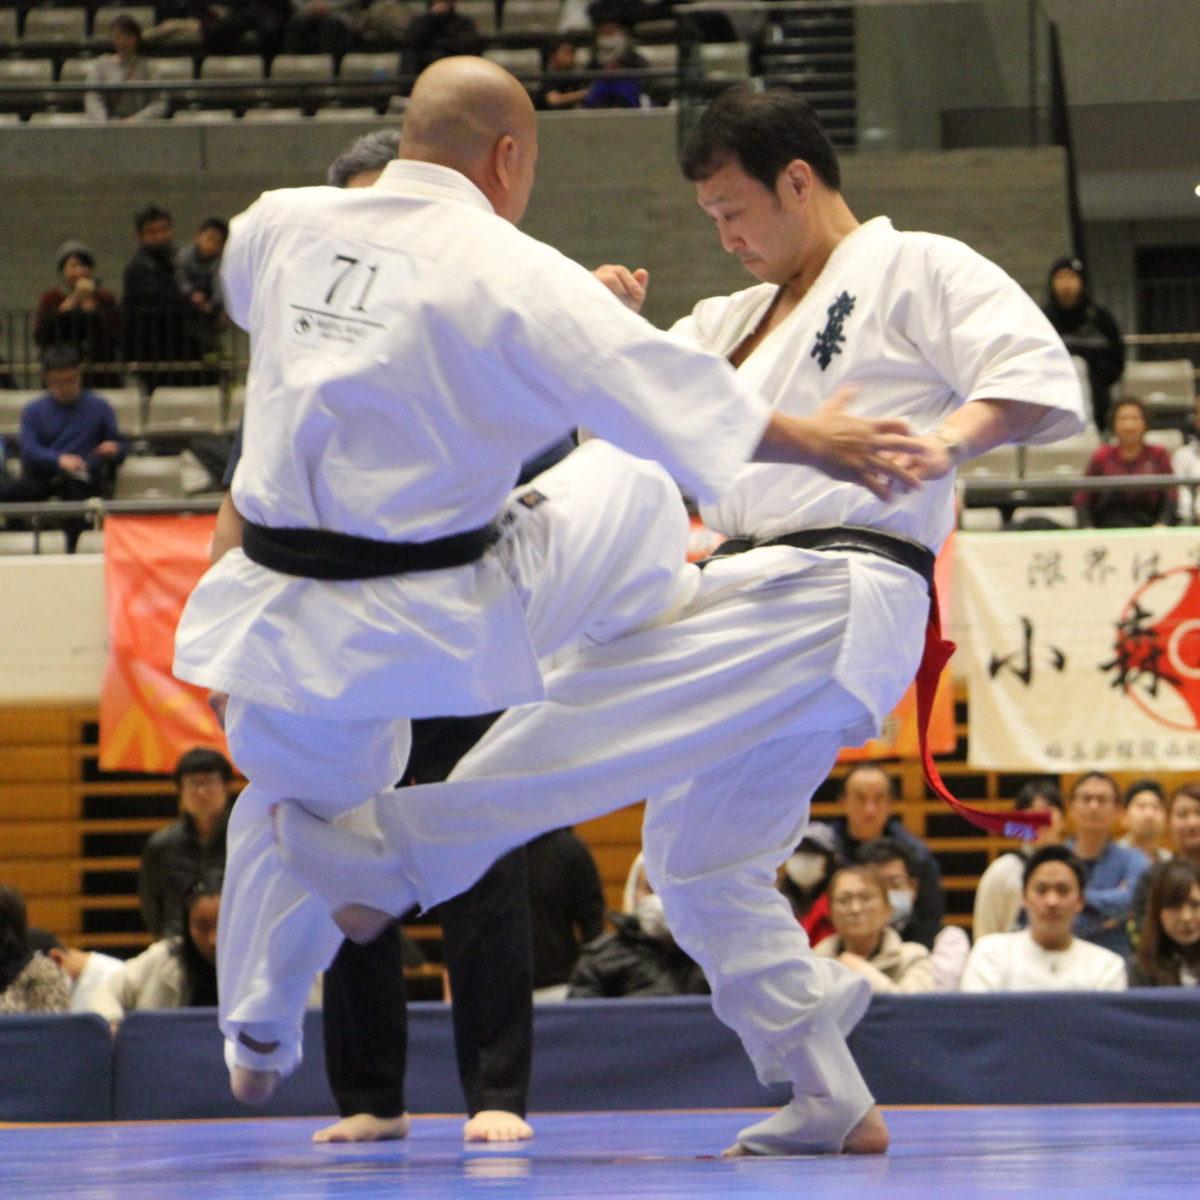 極真連合会 第50回全日本 壮年男女決勝4試合